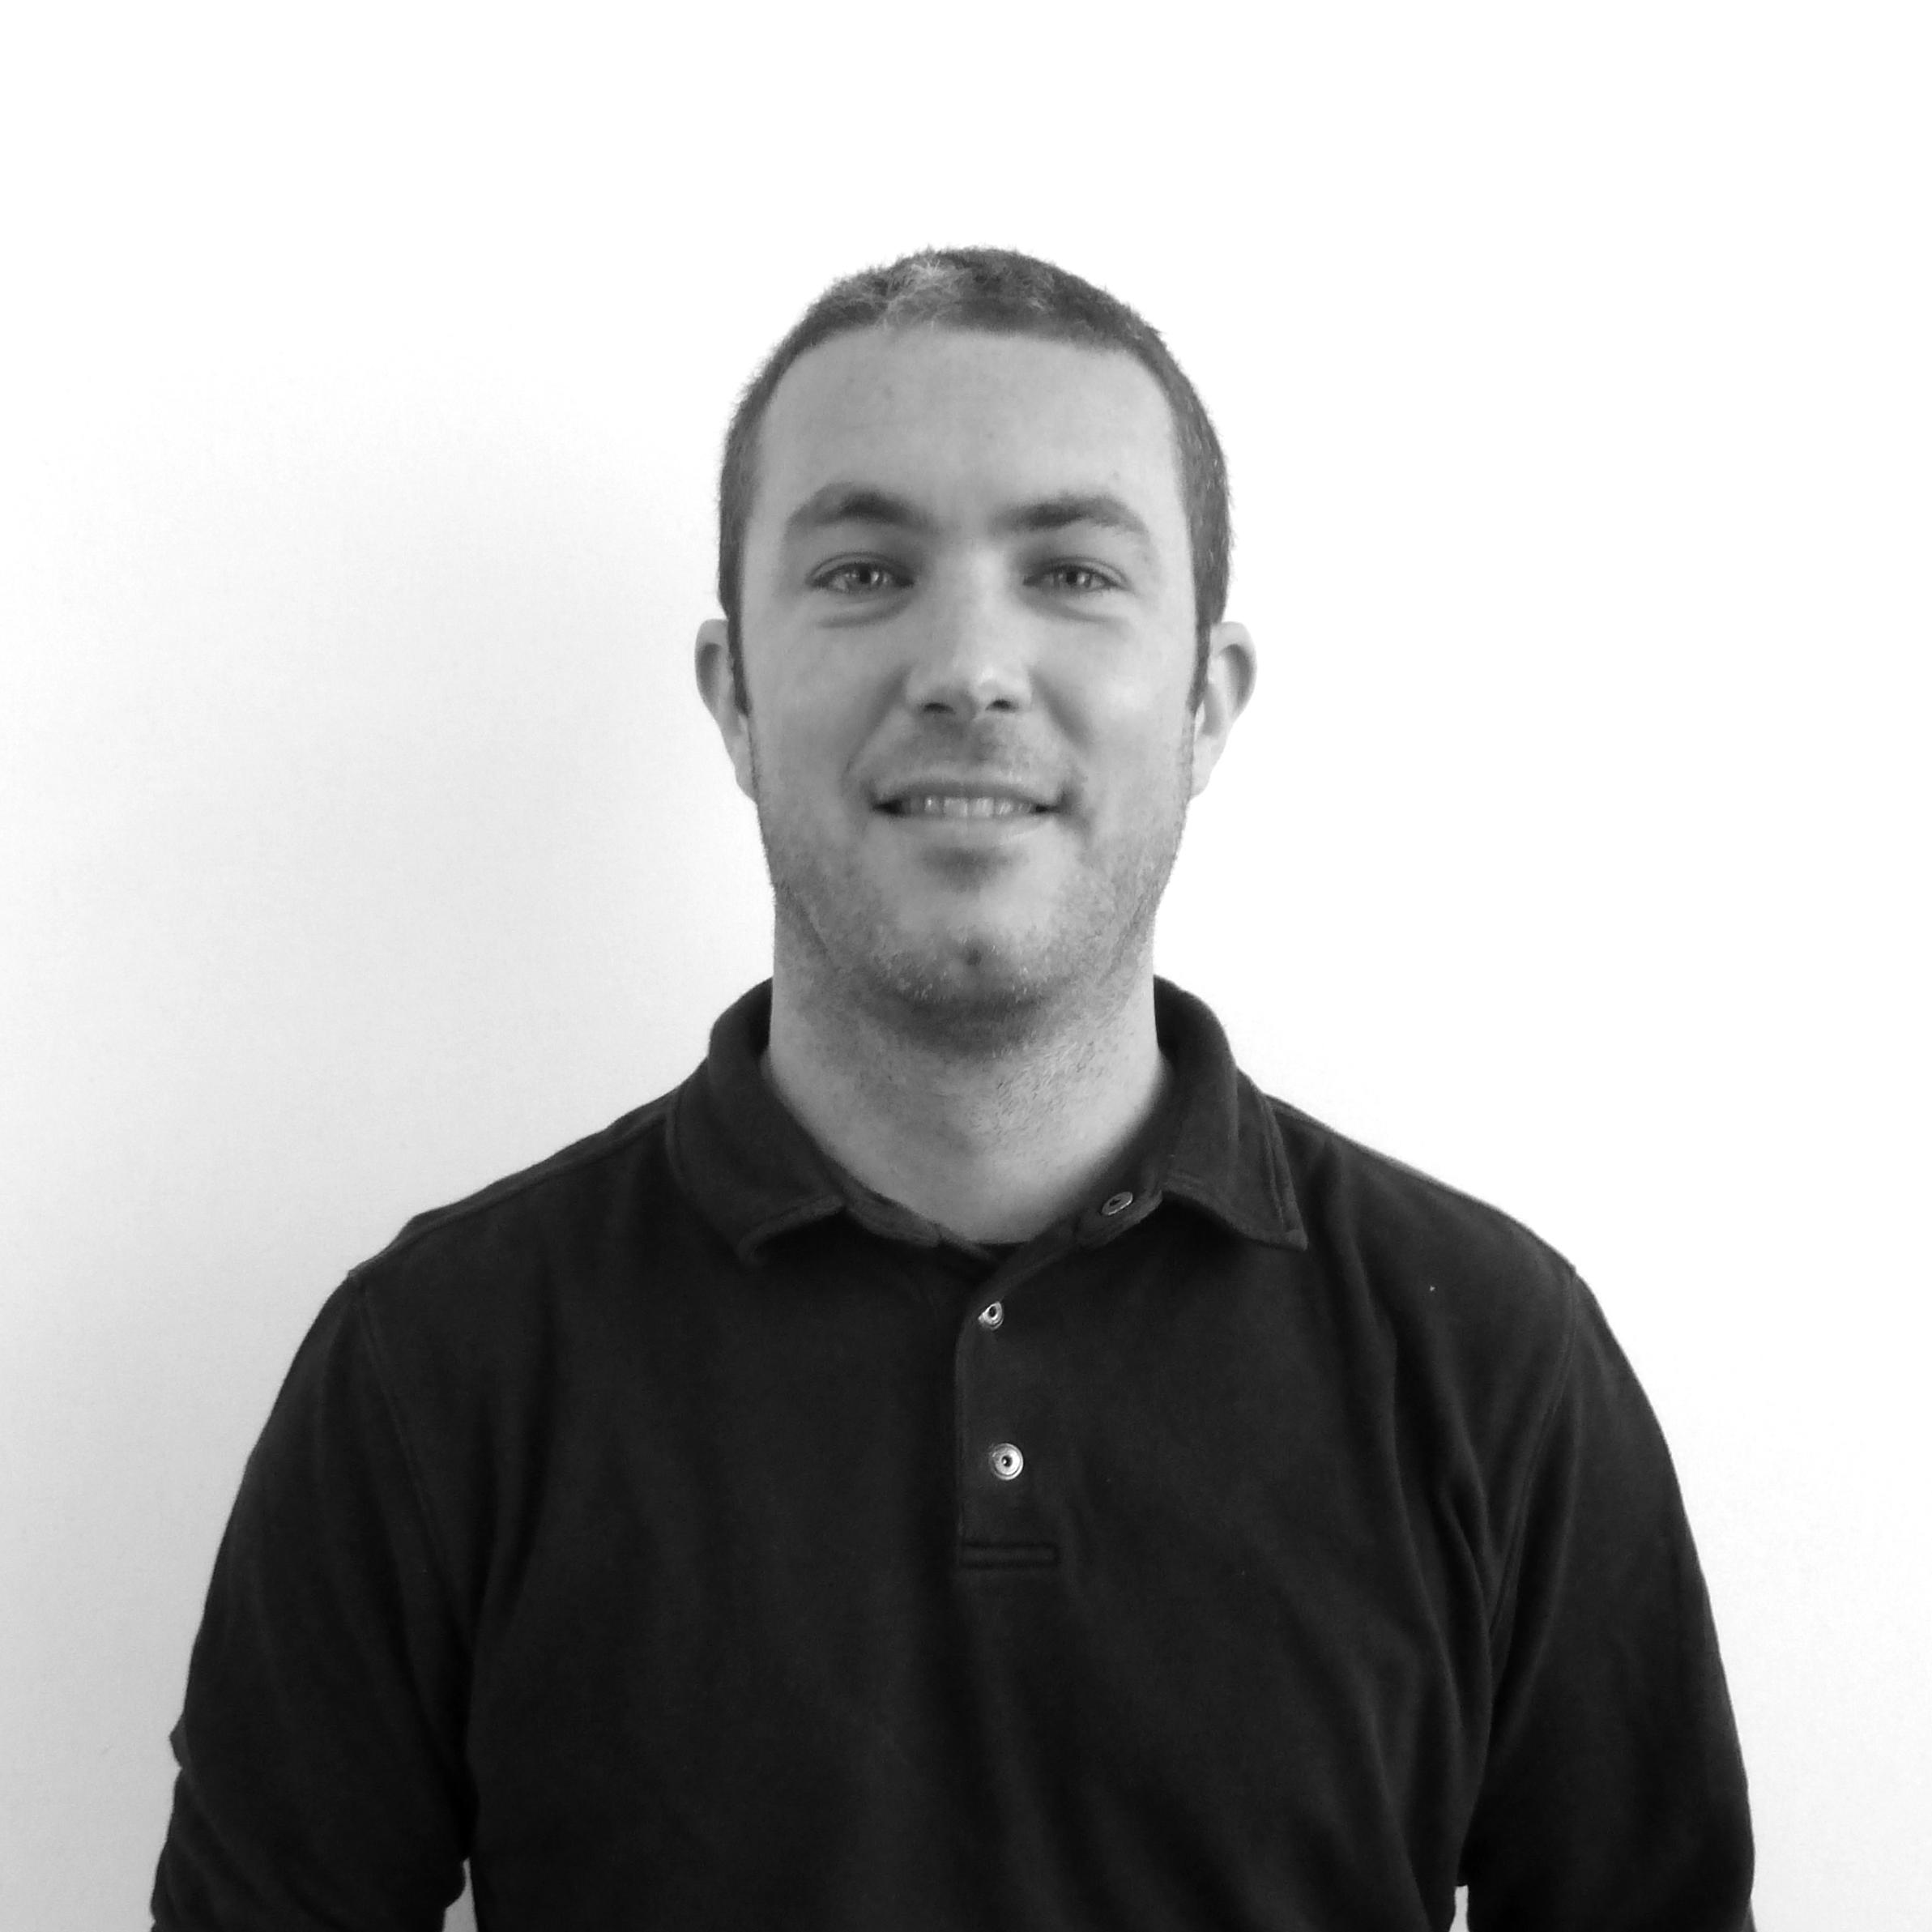 David Bourdeau